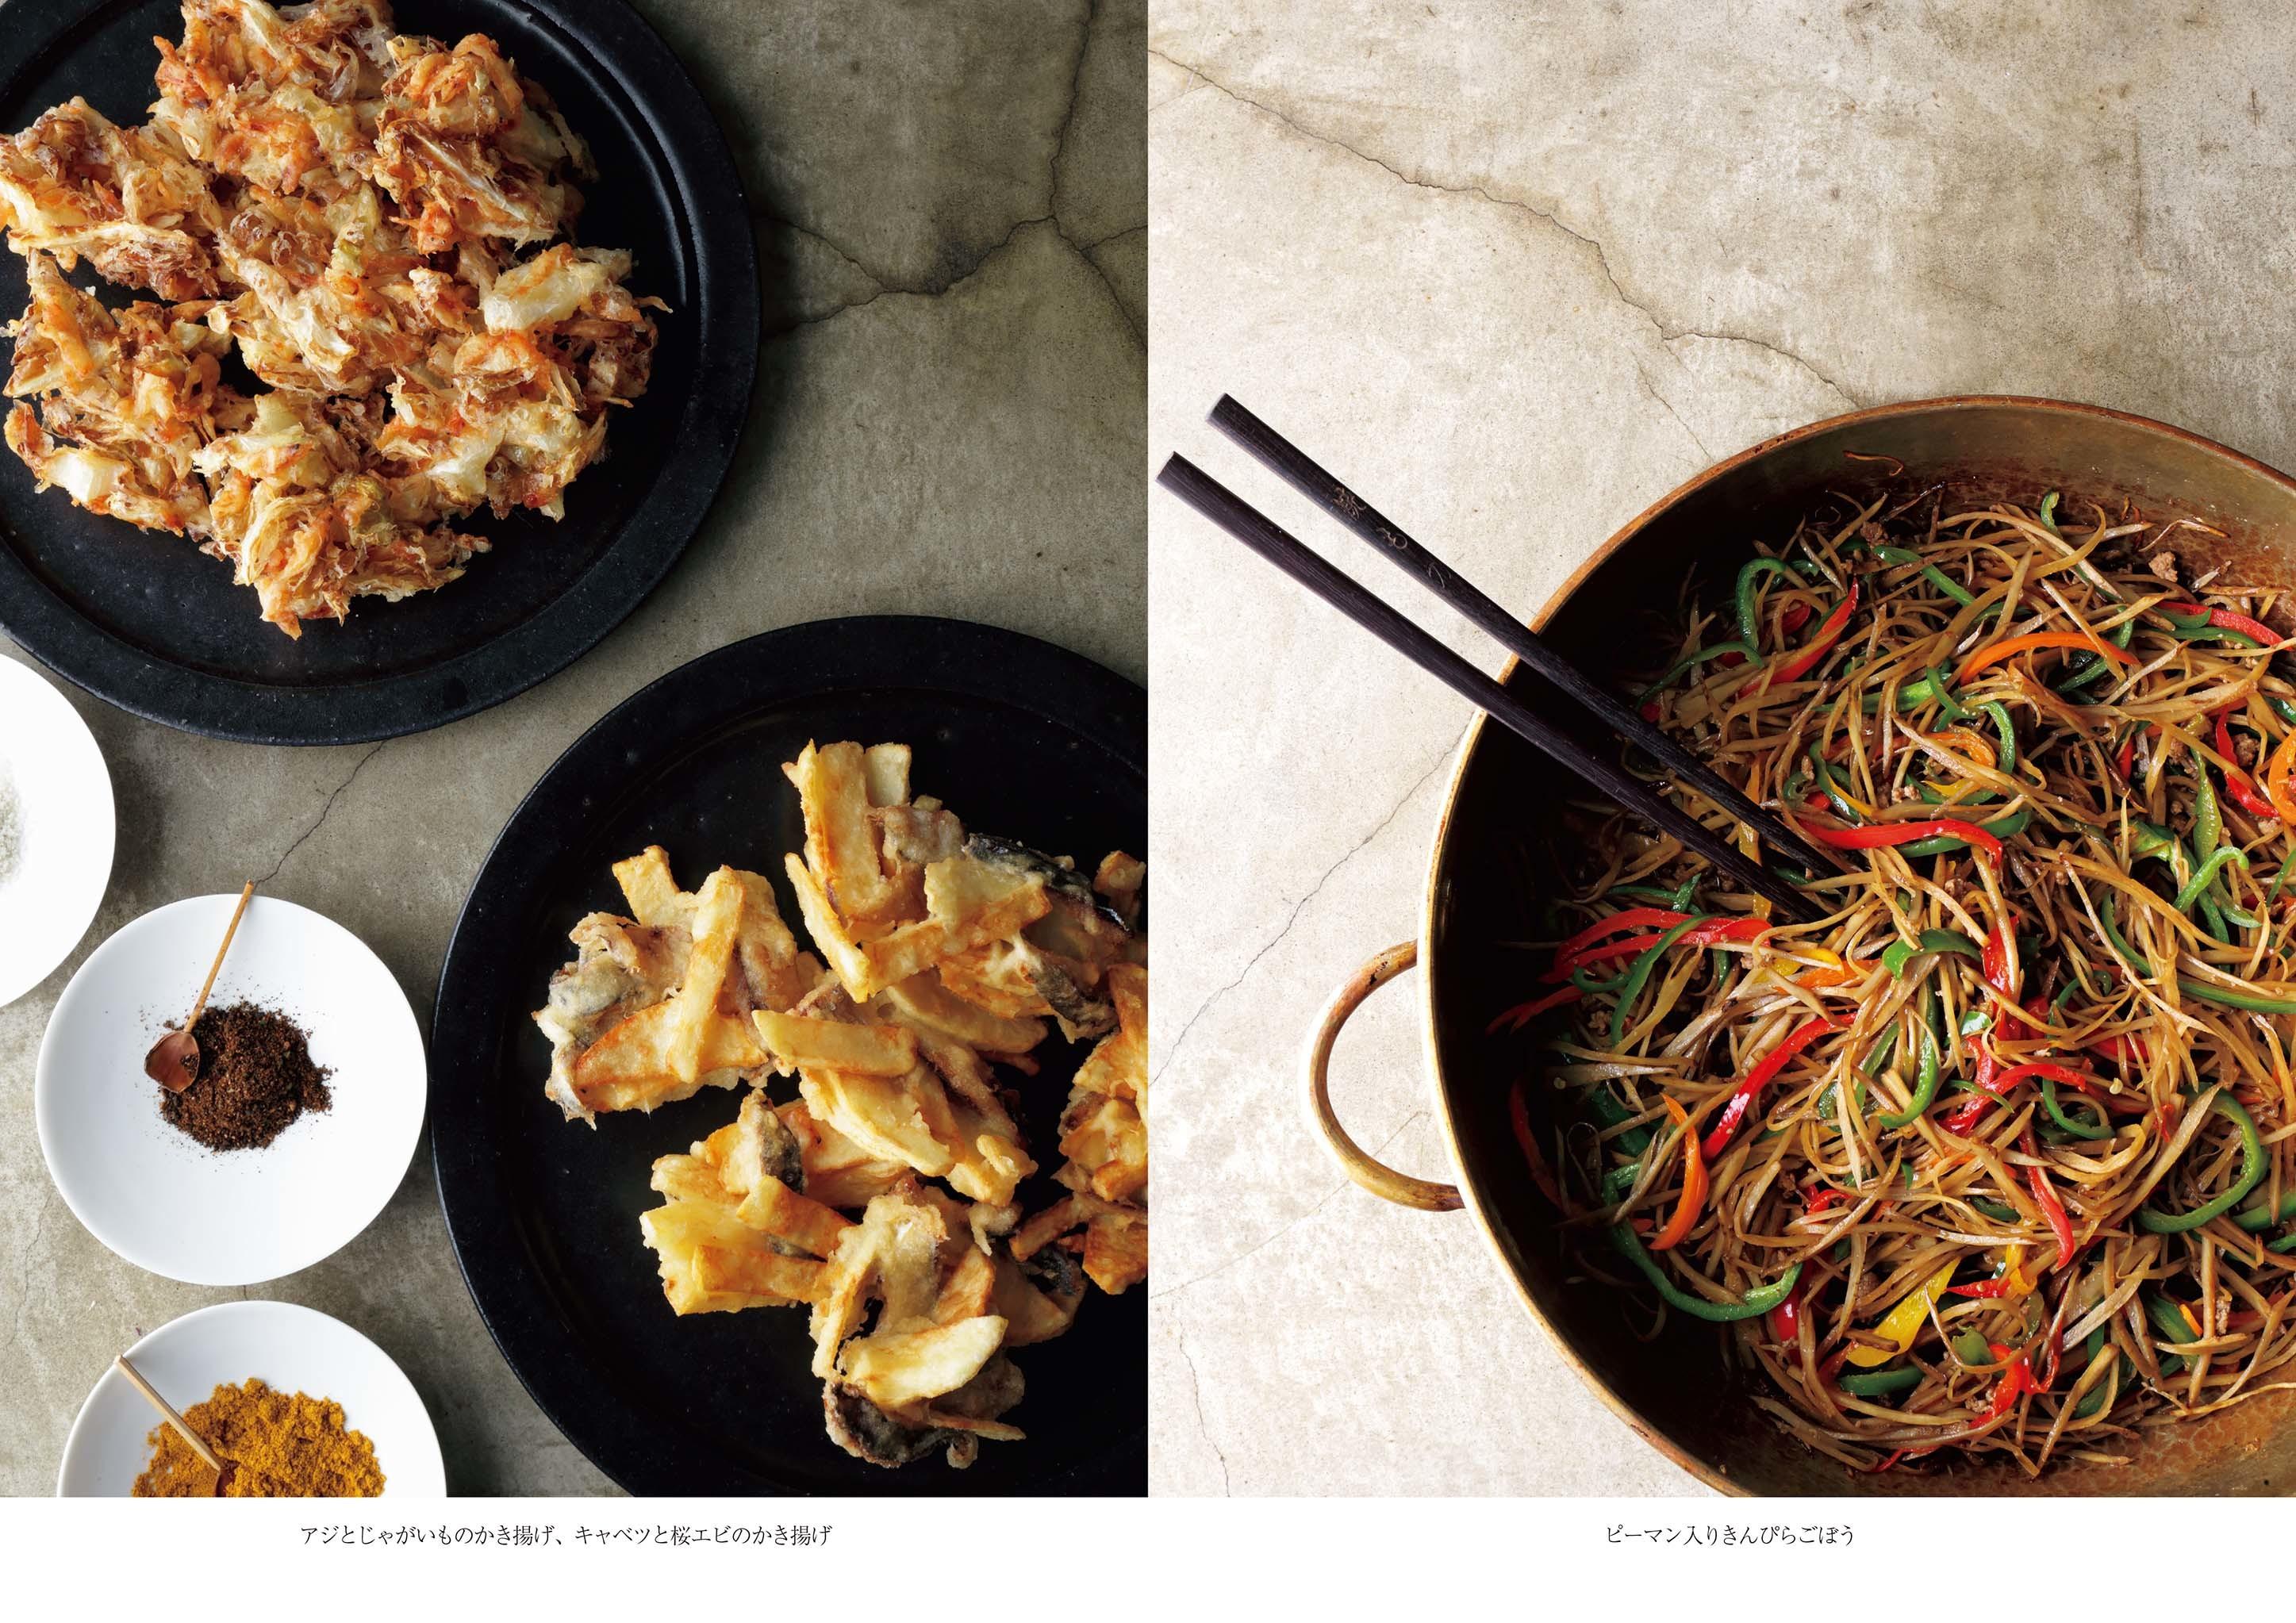 有元葉子さんの単行本「この2皿さえあれば。」が遂に発売!_1_2-3